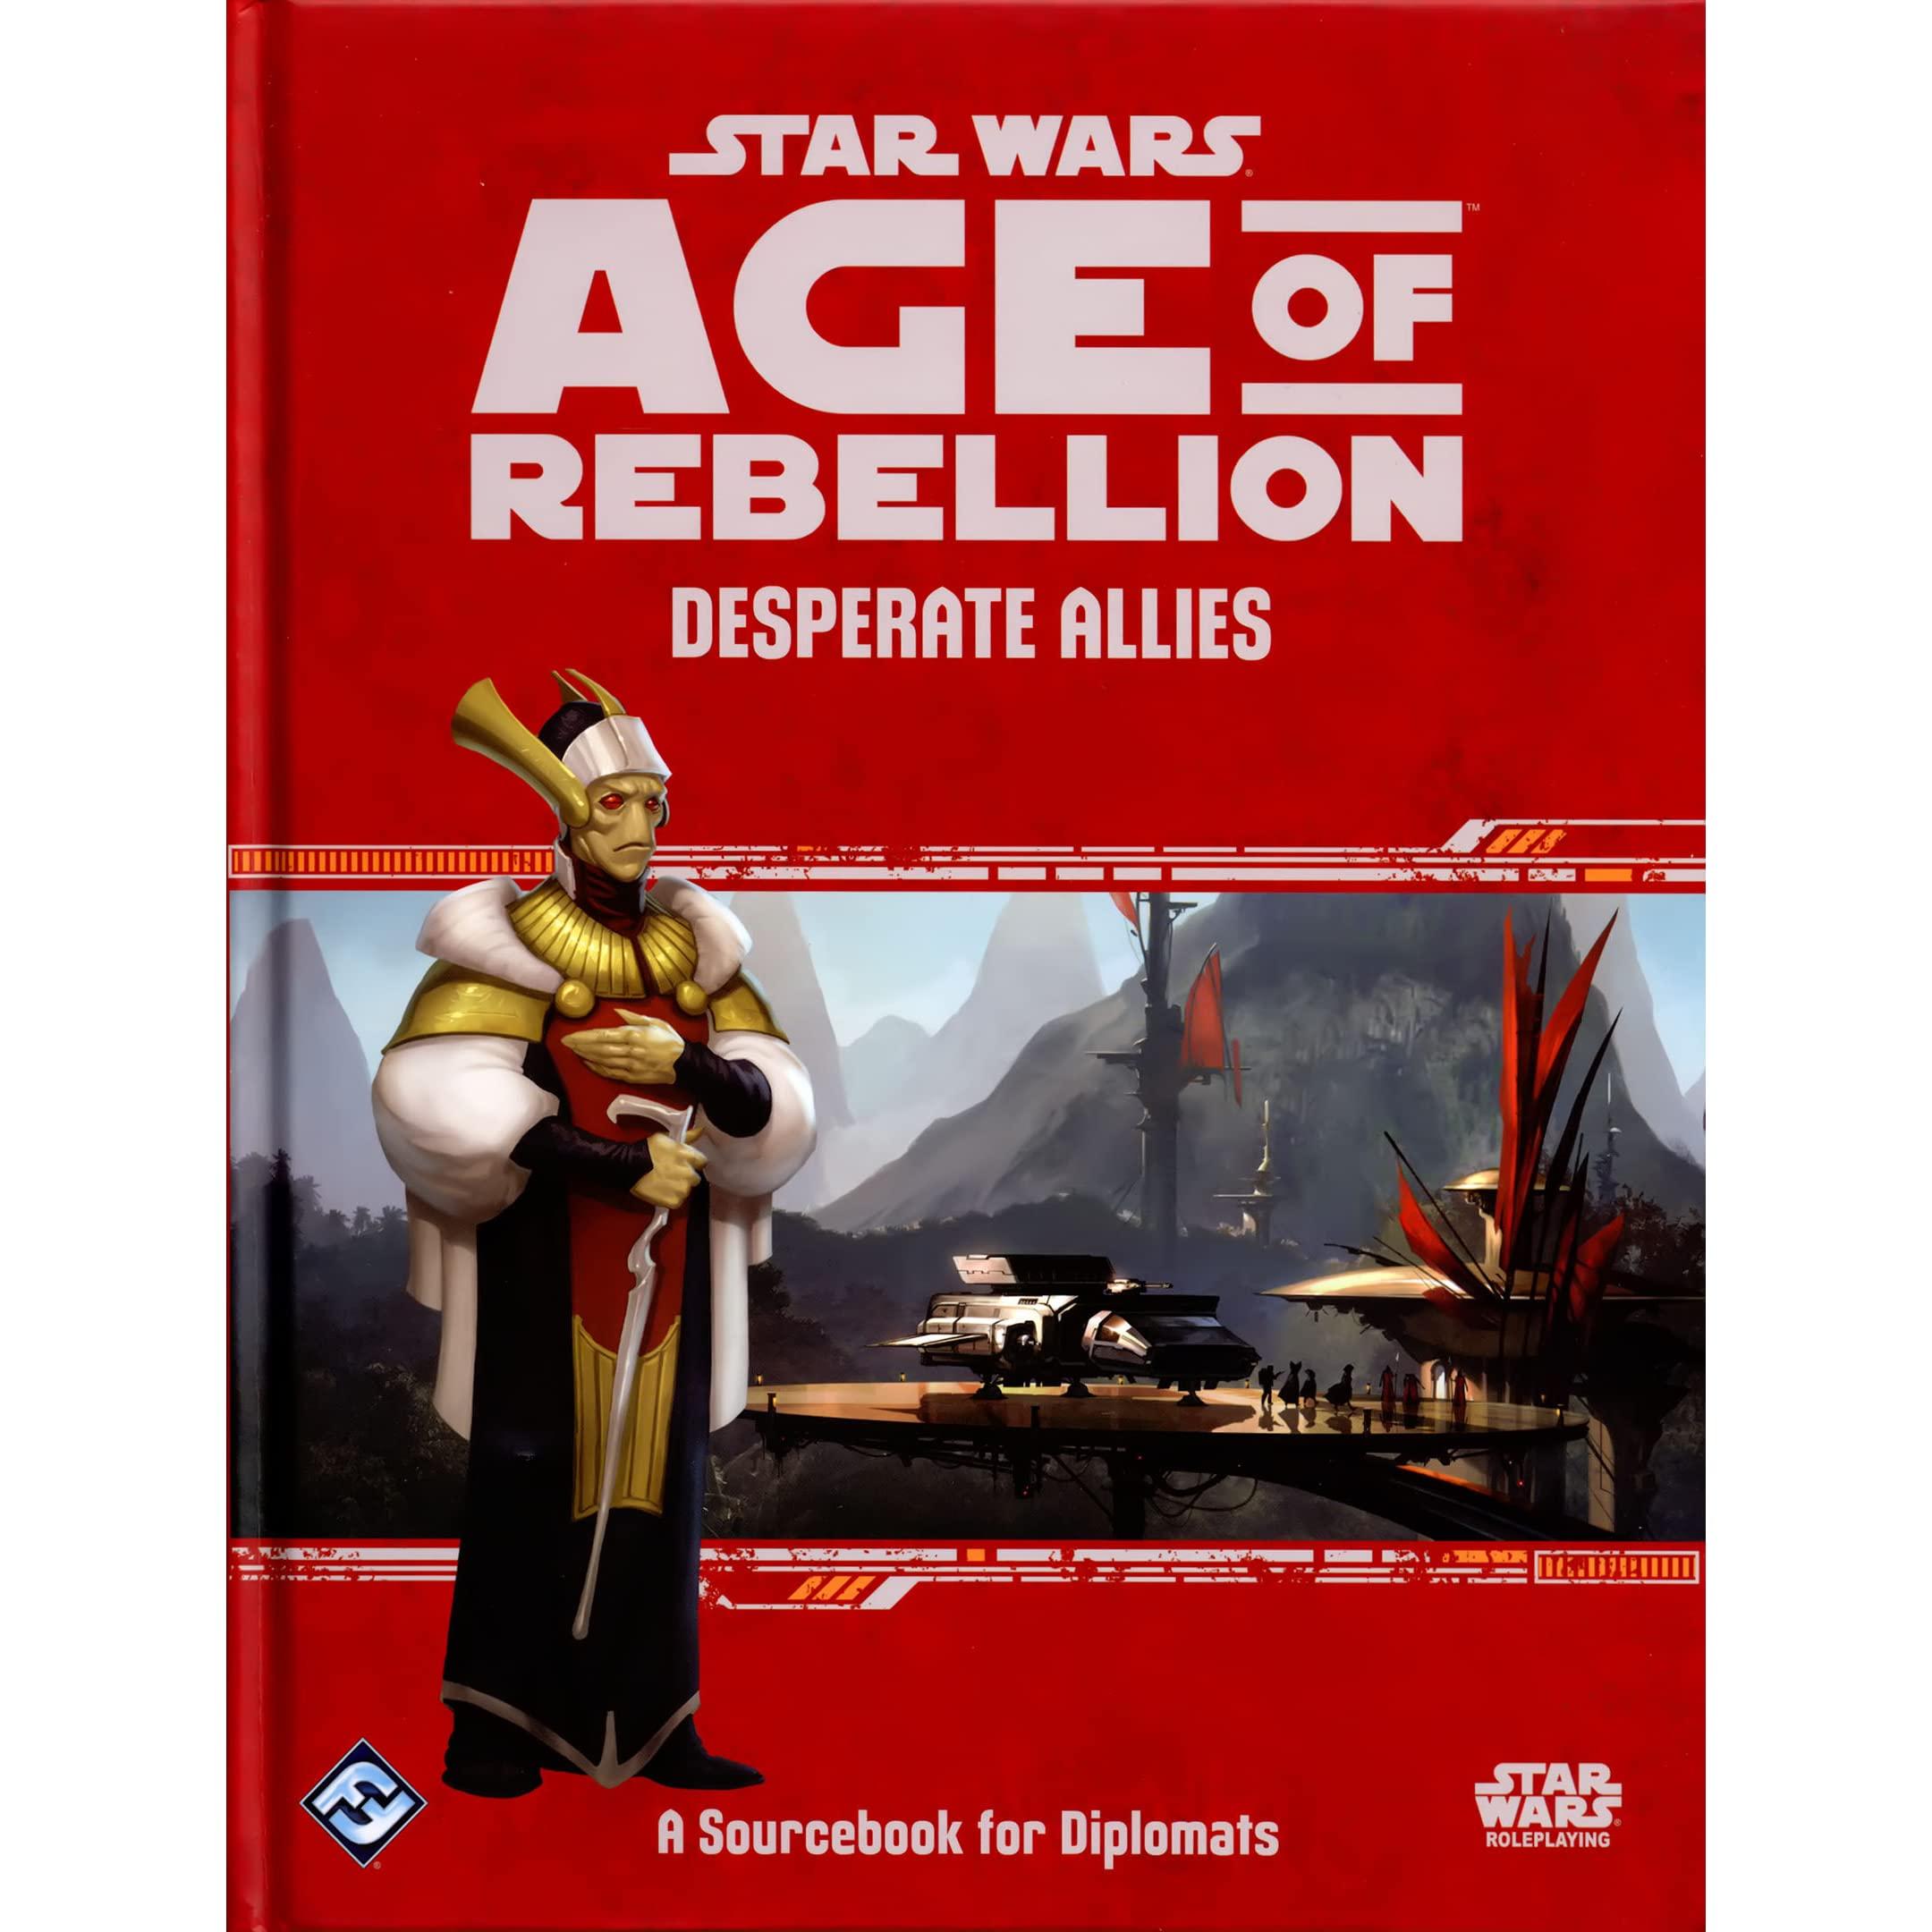 Star Wars Age of Rebellion: Desperate Allies